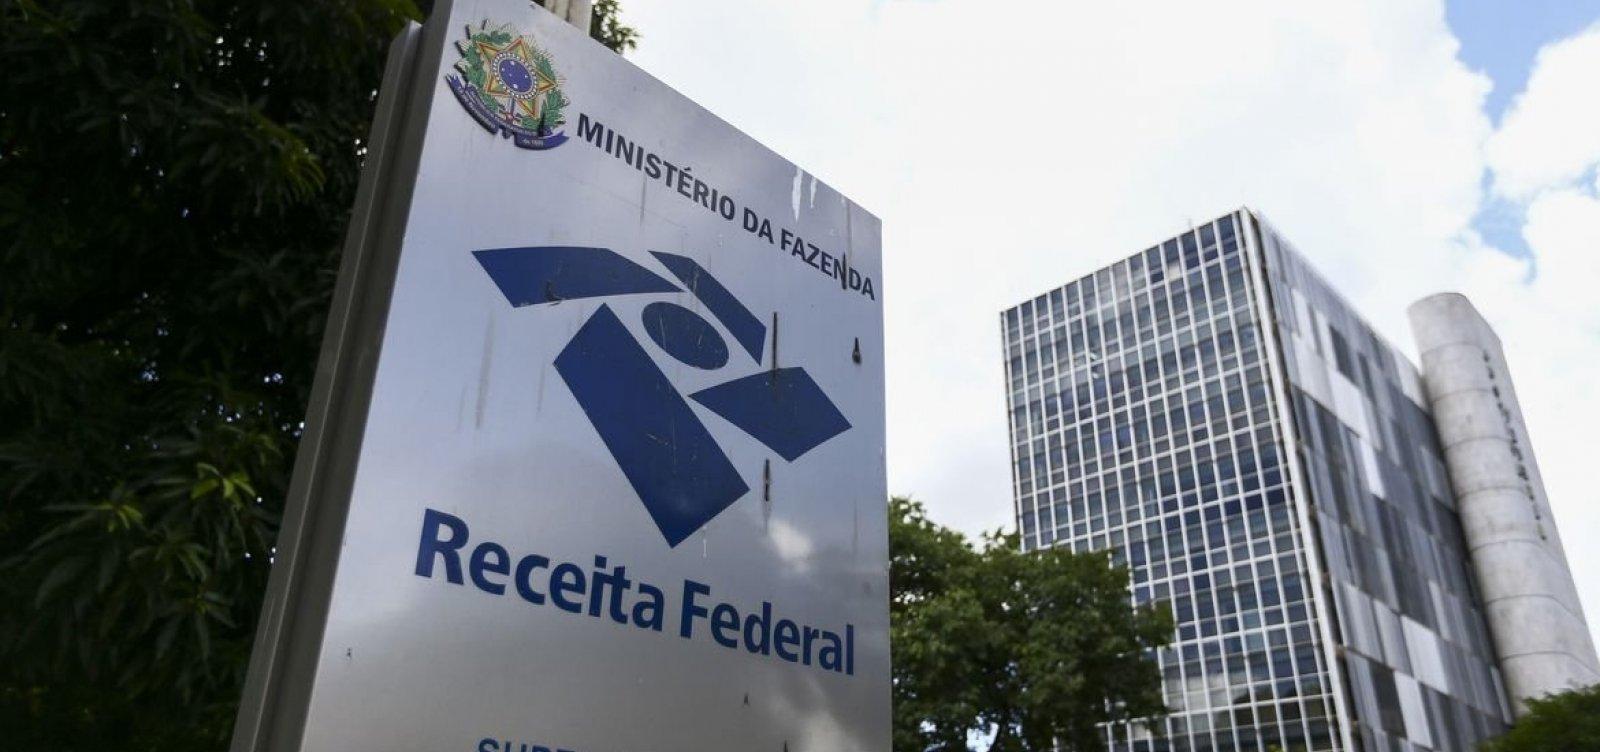 [Receita Federal apreende quase R$ 1 bilhão em mercadoria contrabandeada entre janeiro e abril]